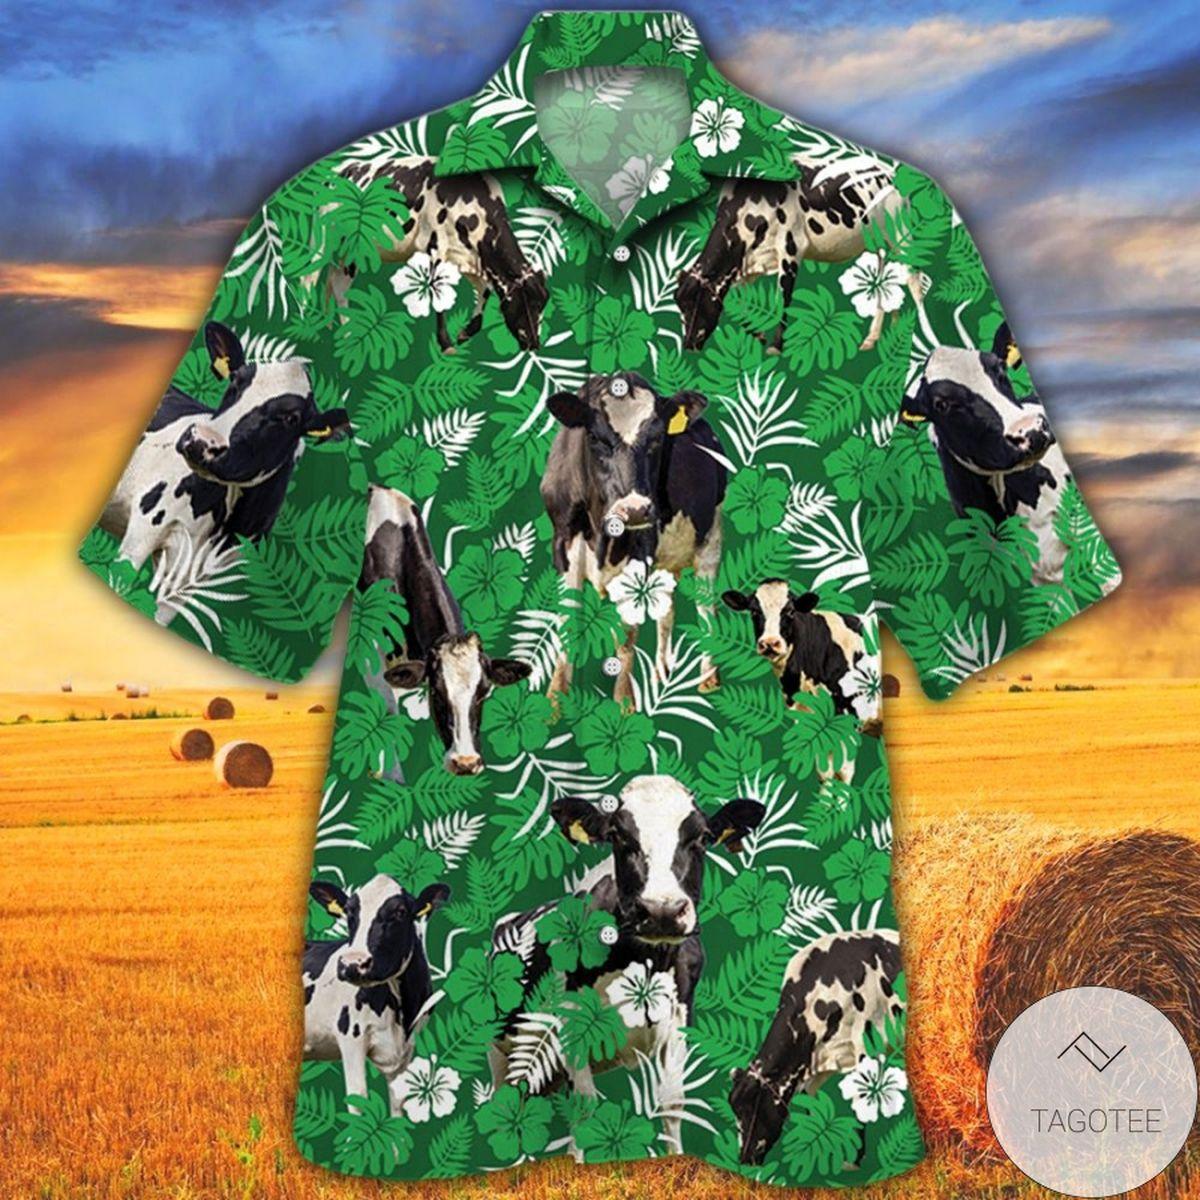 Holstein Friesian Cattle Lovers Green Floral Pattern Hawaiian Shirt